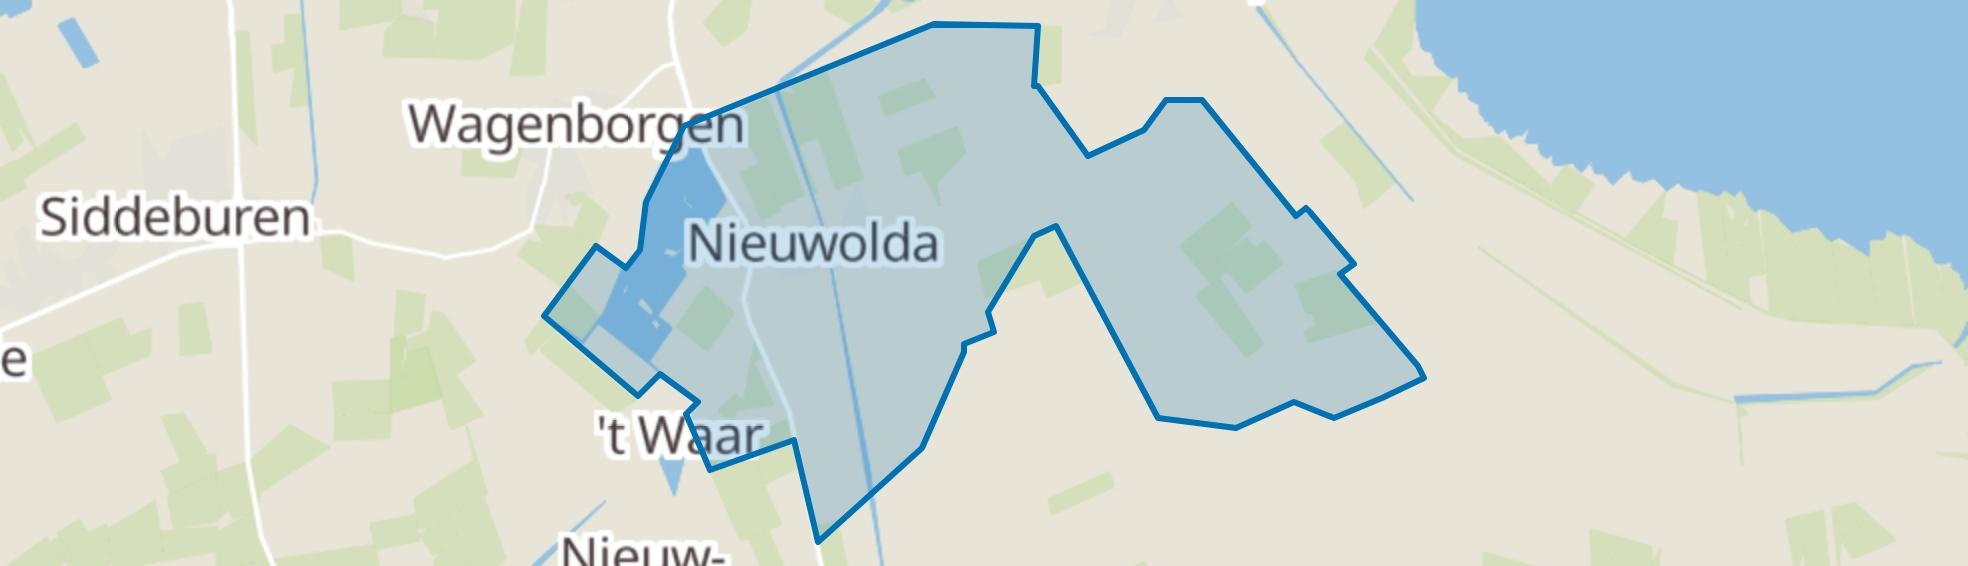 Nieuwolda map